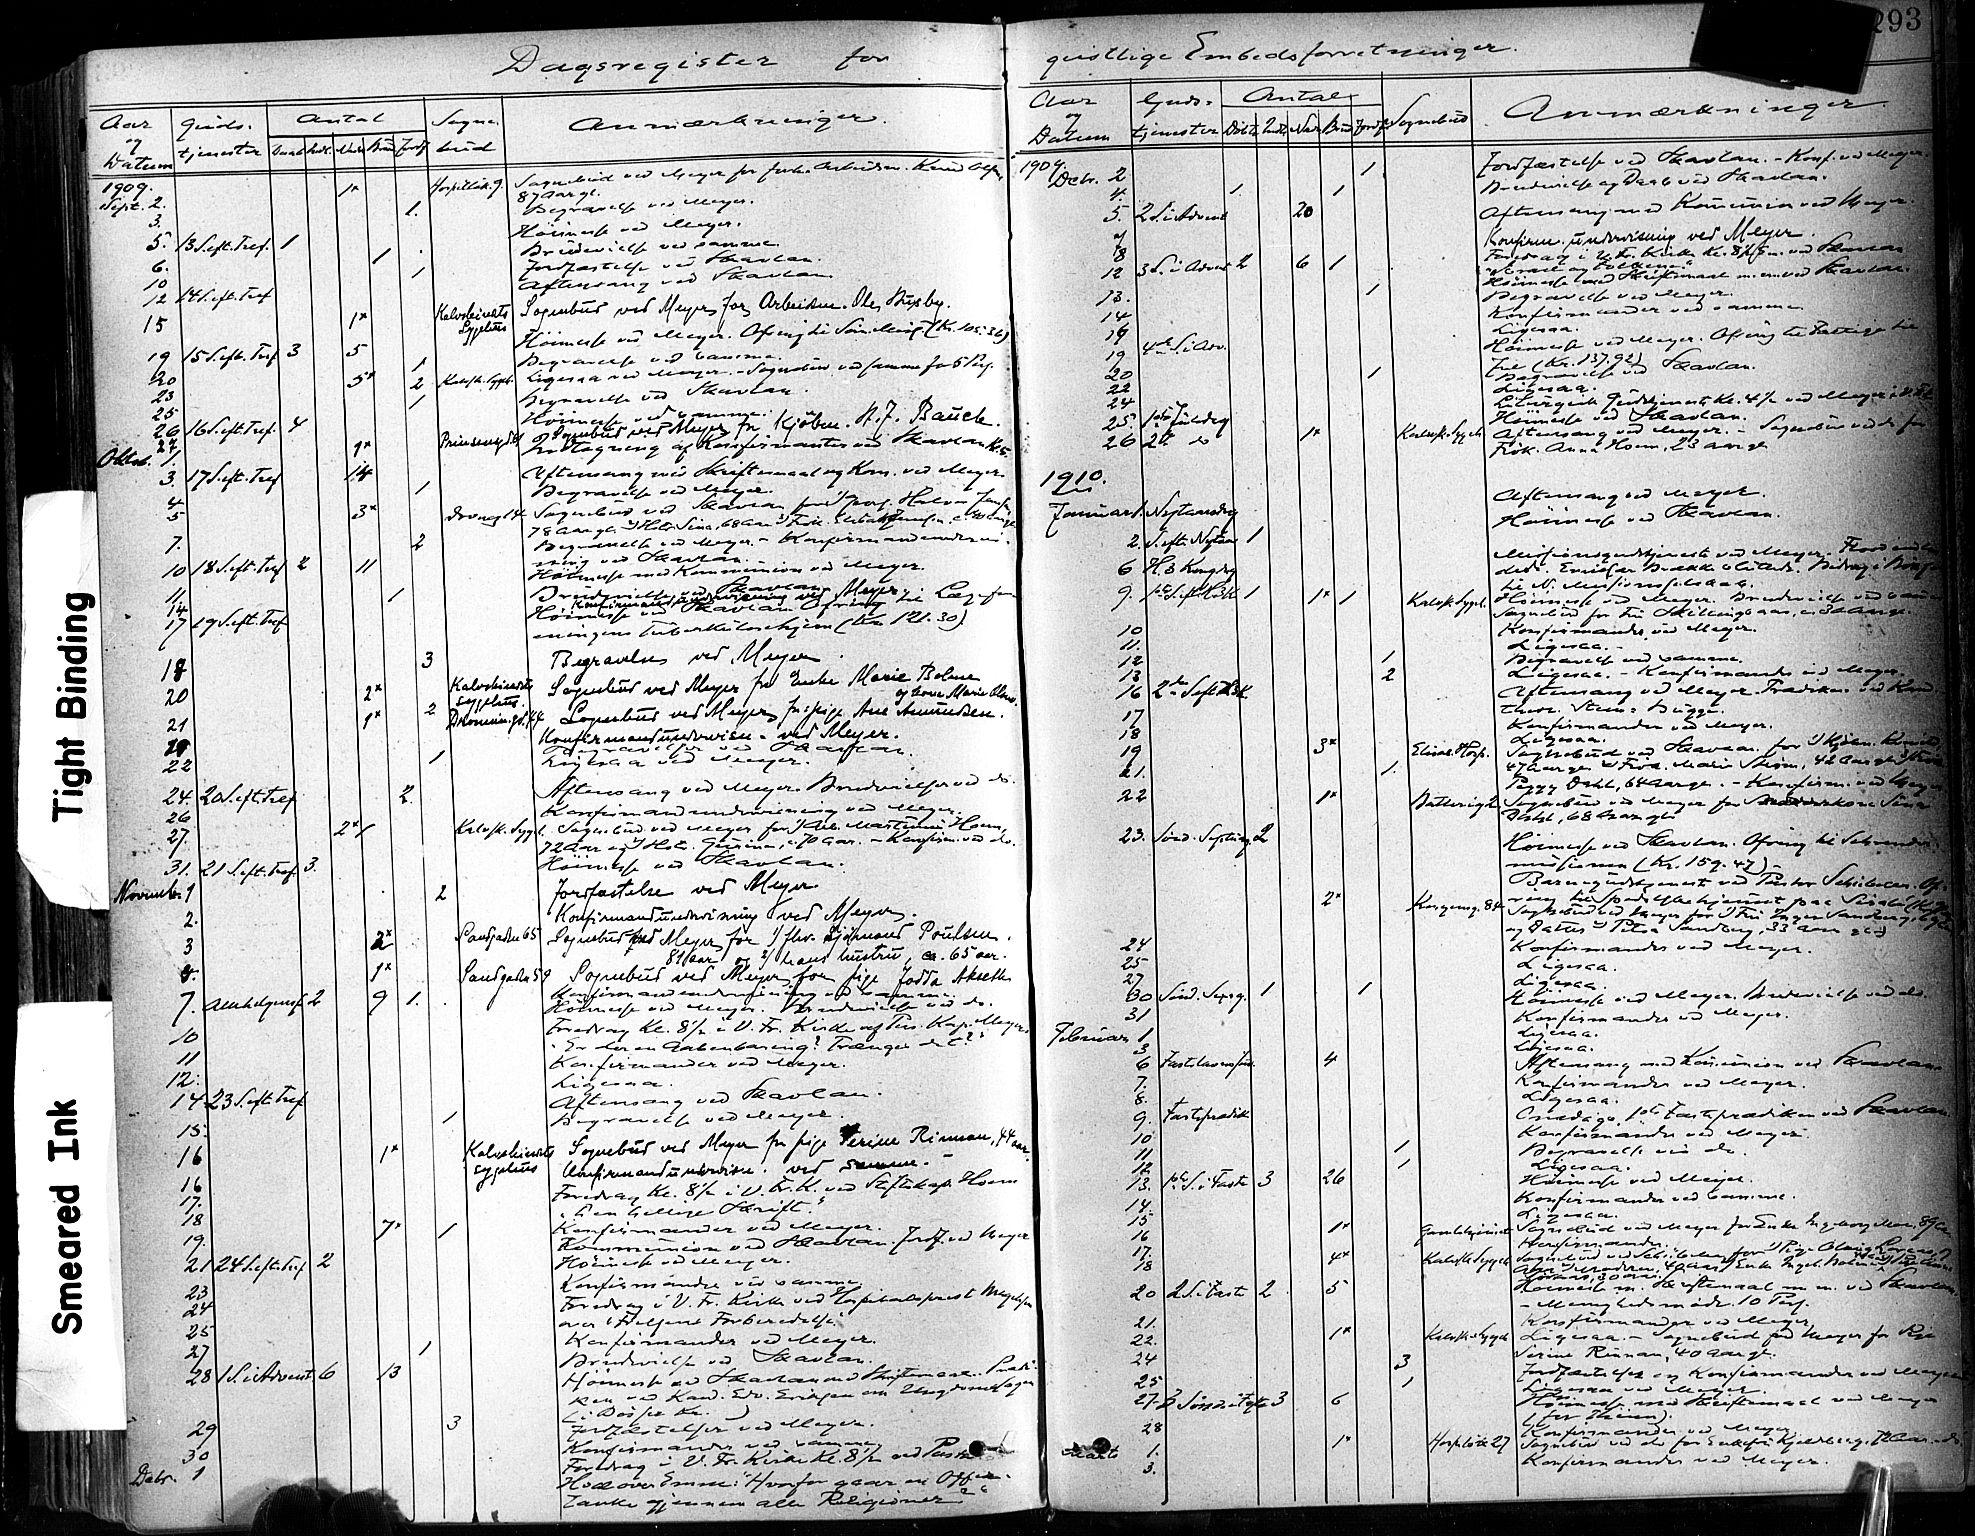 SAT, Ministerialprotokoller, klokkerbøker og fødselsregistre - Sør-Trøndelag, 602/L0120: Ministerialbok nr. 602A18, 1880-1913, s. 293